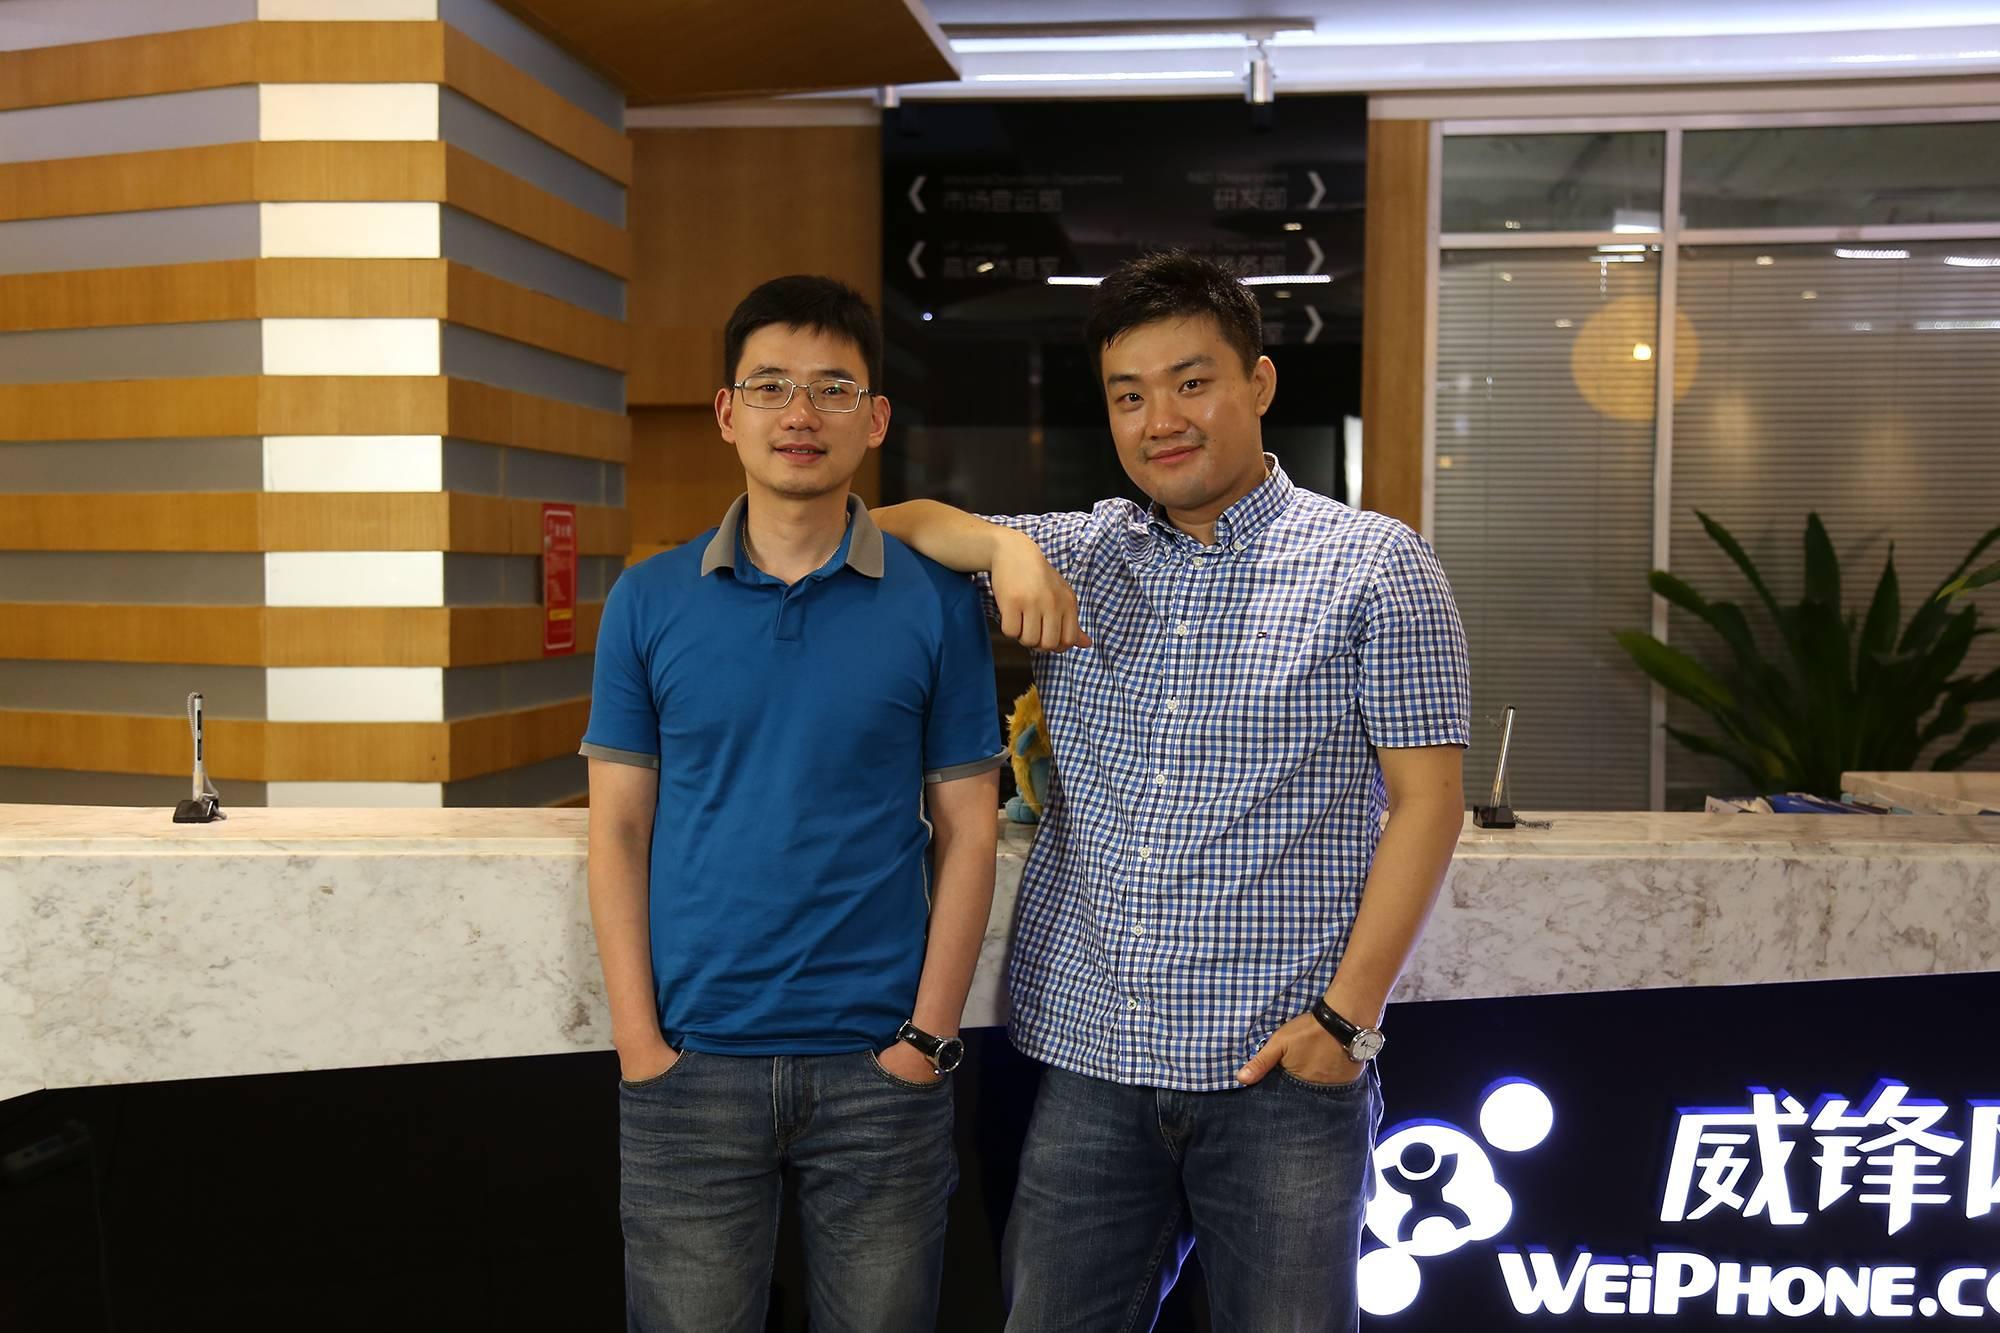 杨彬(左)和彭源